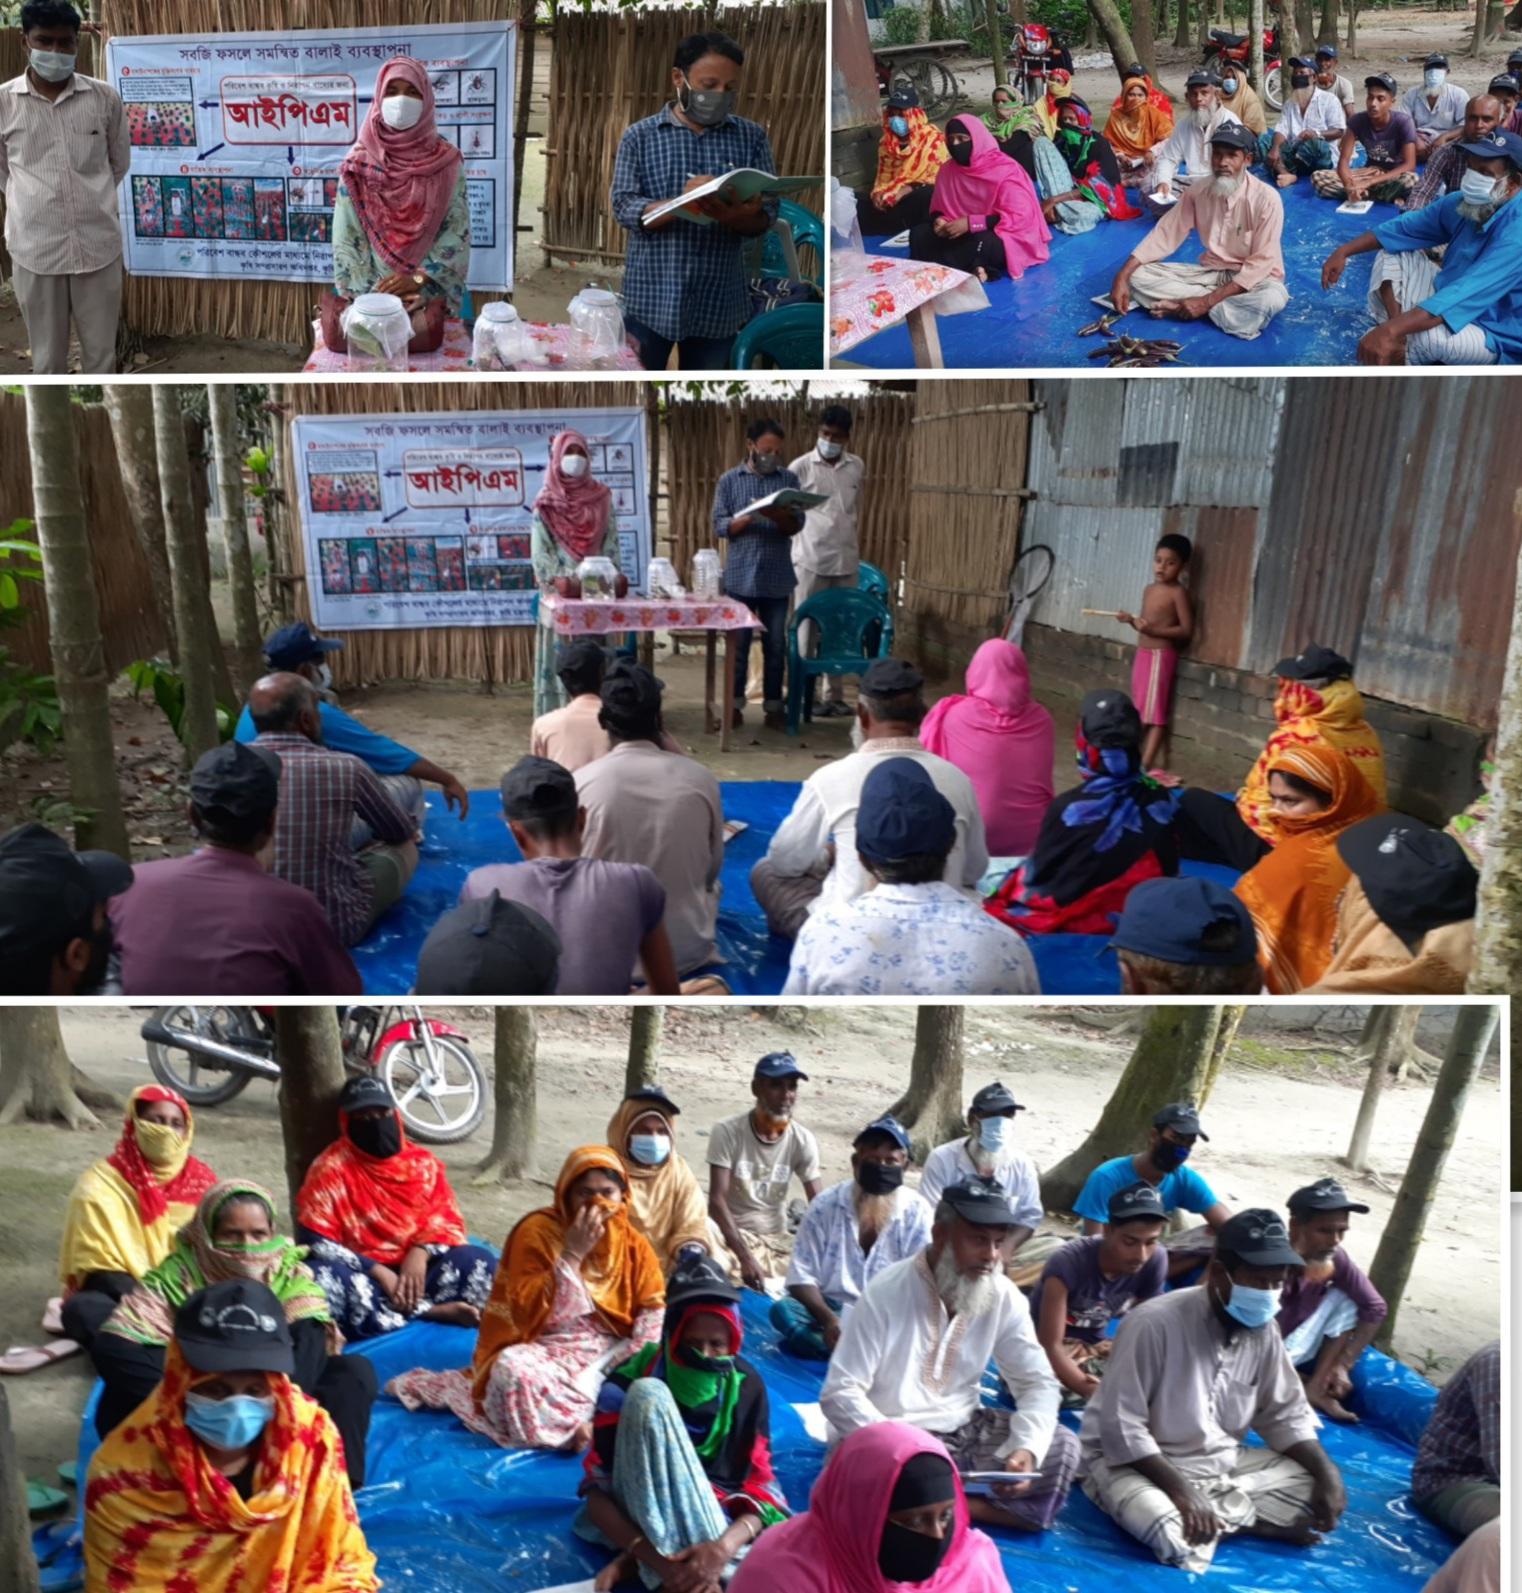 পাবনার সুজানগরের বিরাহিমপুর পরিবেশ বান্ধব কৌশলে কৃষকদের মাঝে প্রশিক্ষণ কর্মশালা